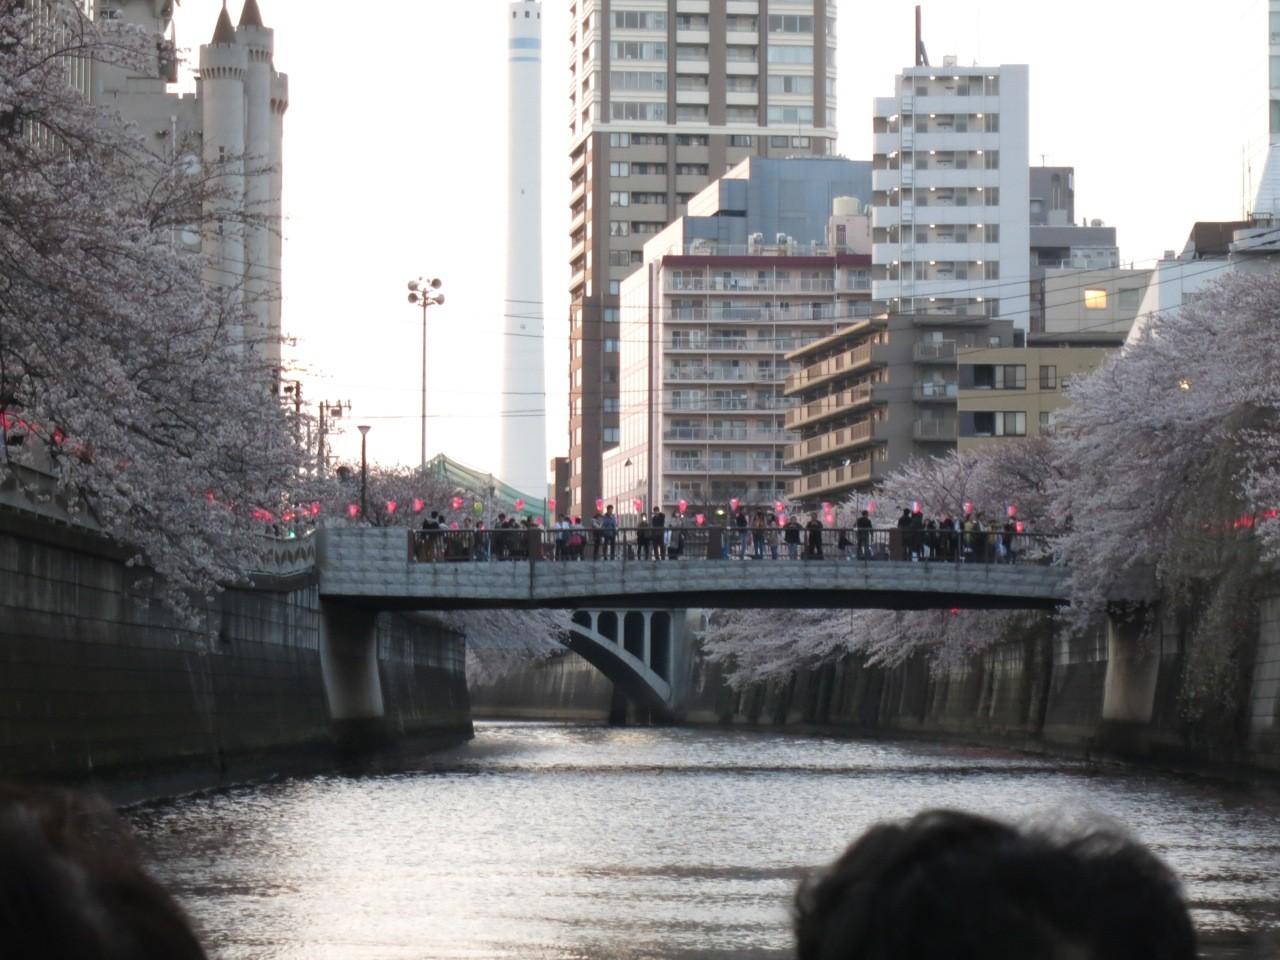 f:id:tokyocat:20150410121210j:image:w600